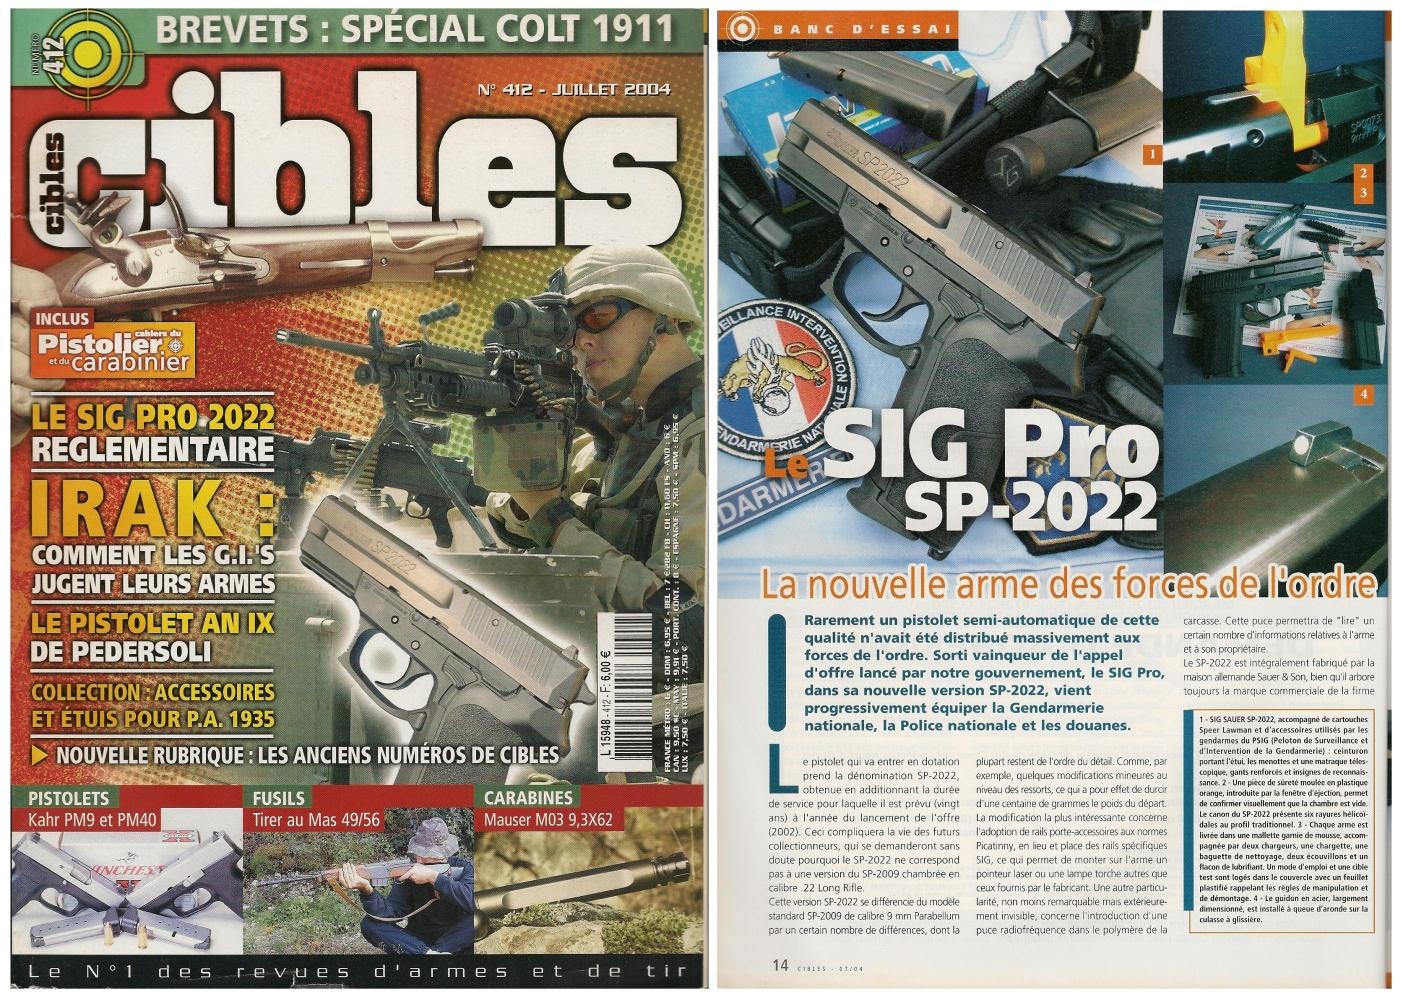 Le banc d'essai du SIG Pro SP-2022 a été publié sur 5 pages ½ dans le magazine Cibles n°412 (juillet 2004)